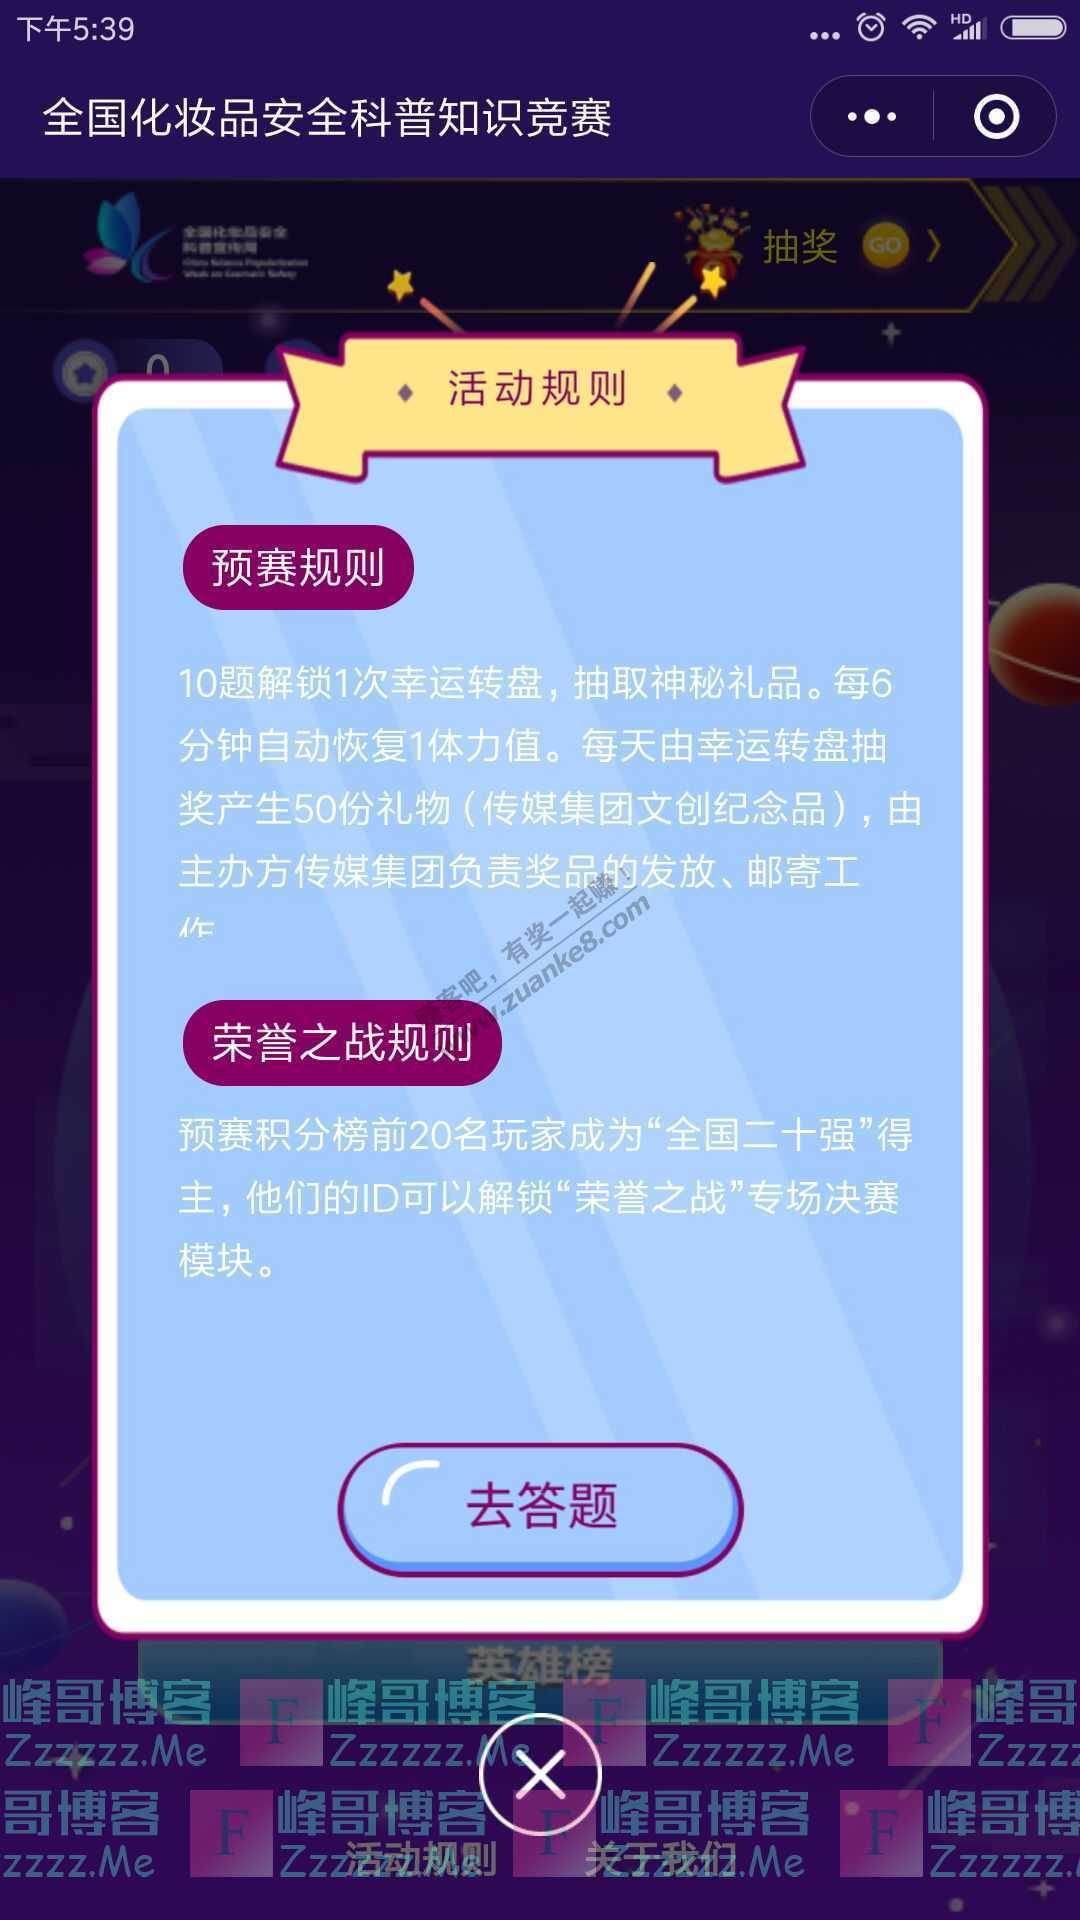 石嘴山市市场监督管理局全国化妆品科普宣传周有奖答题(截止5月31日)